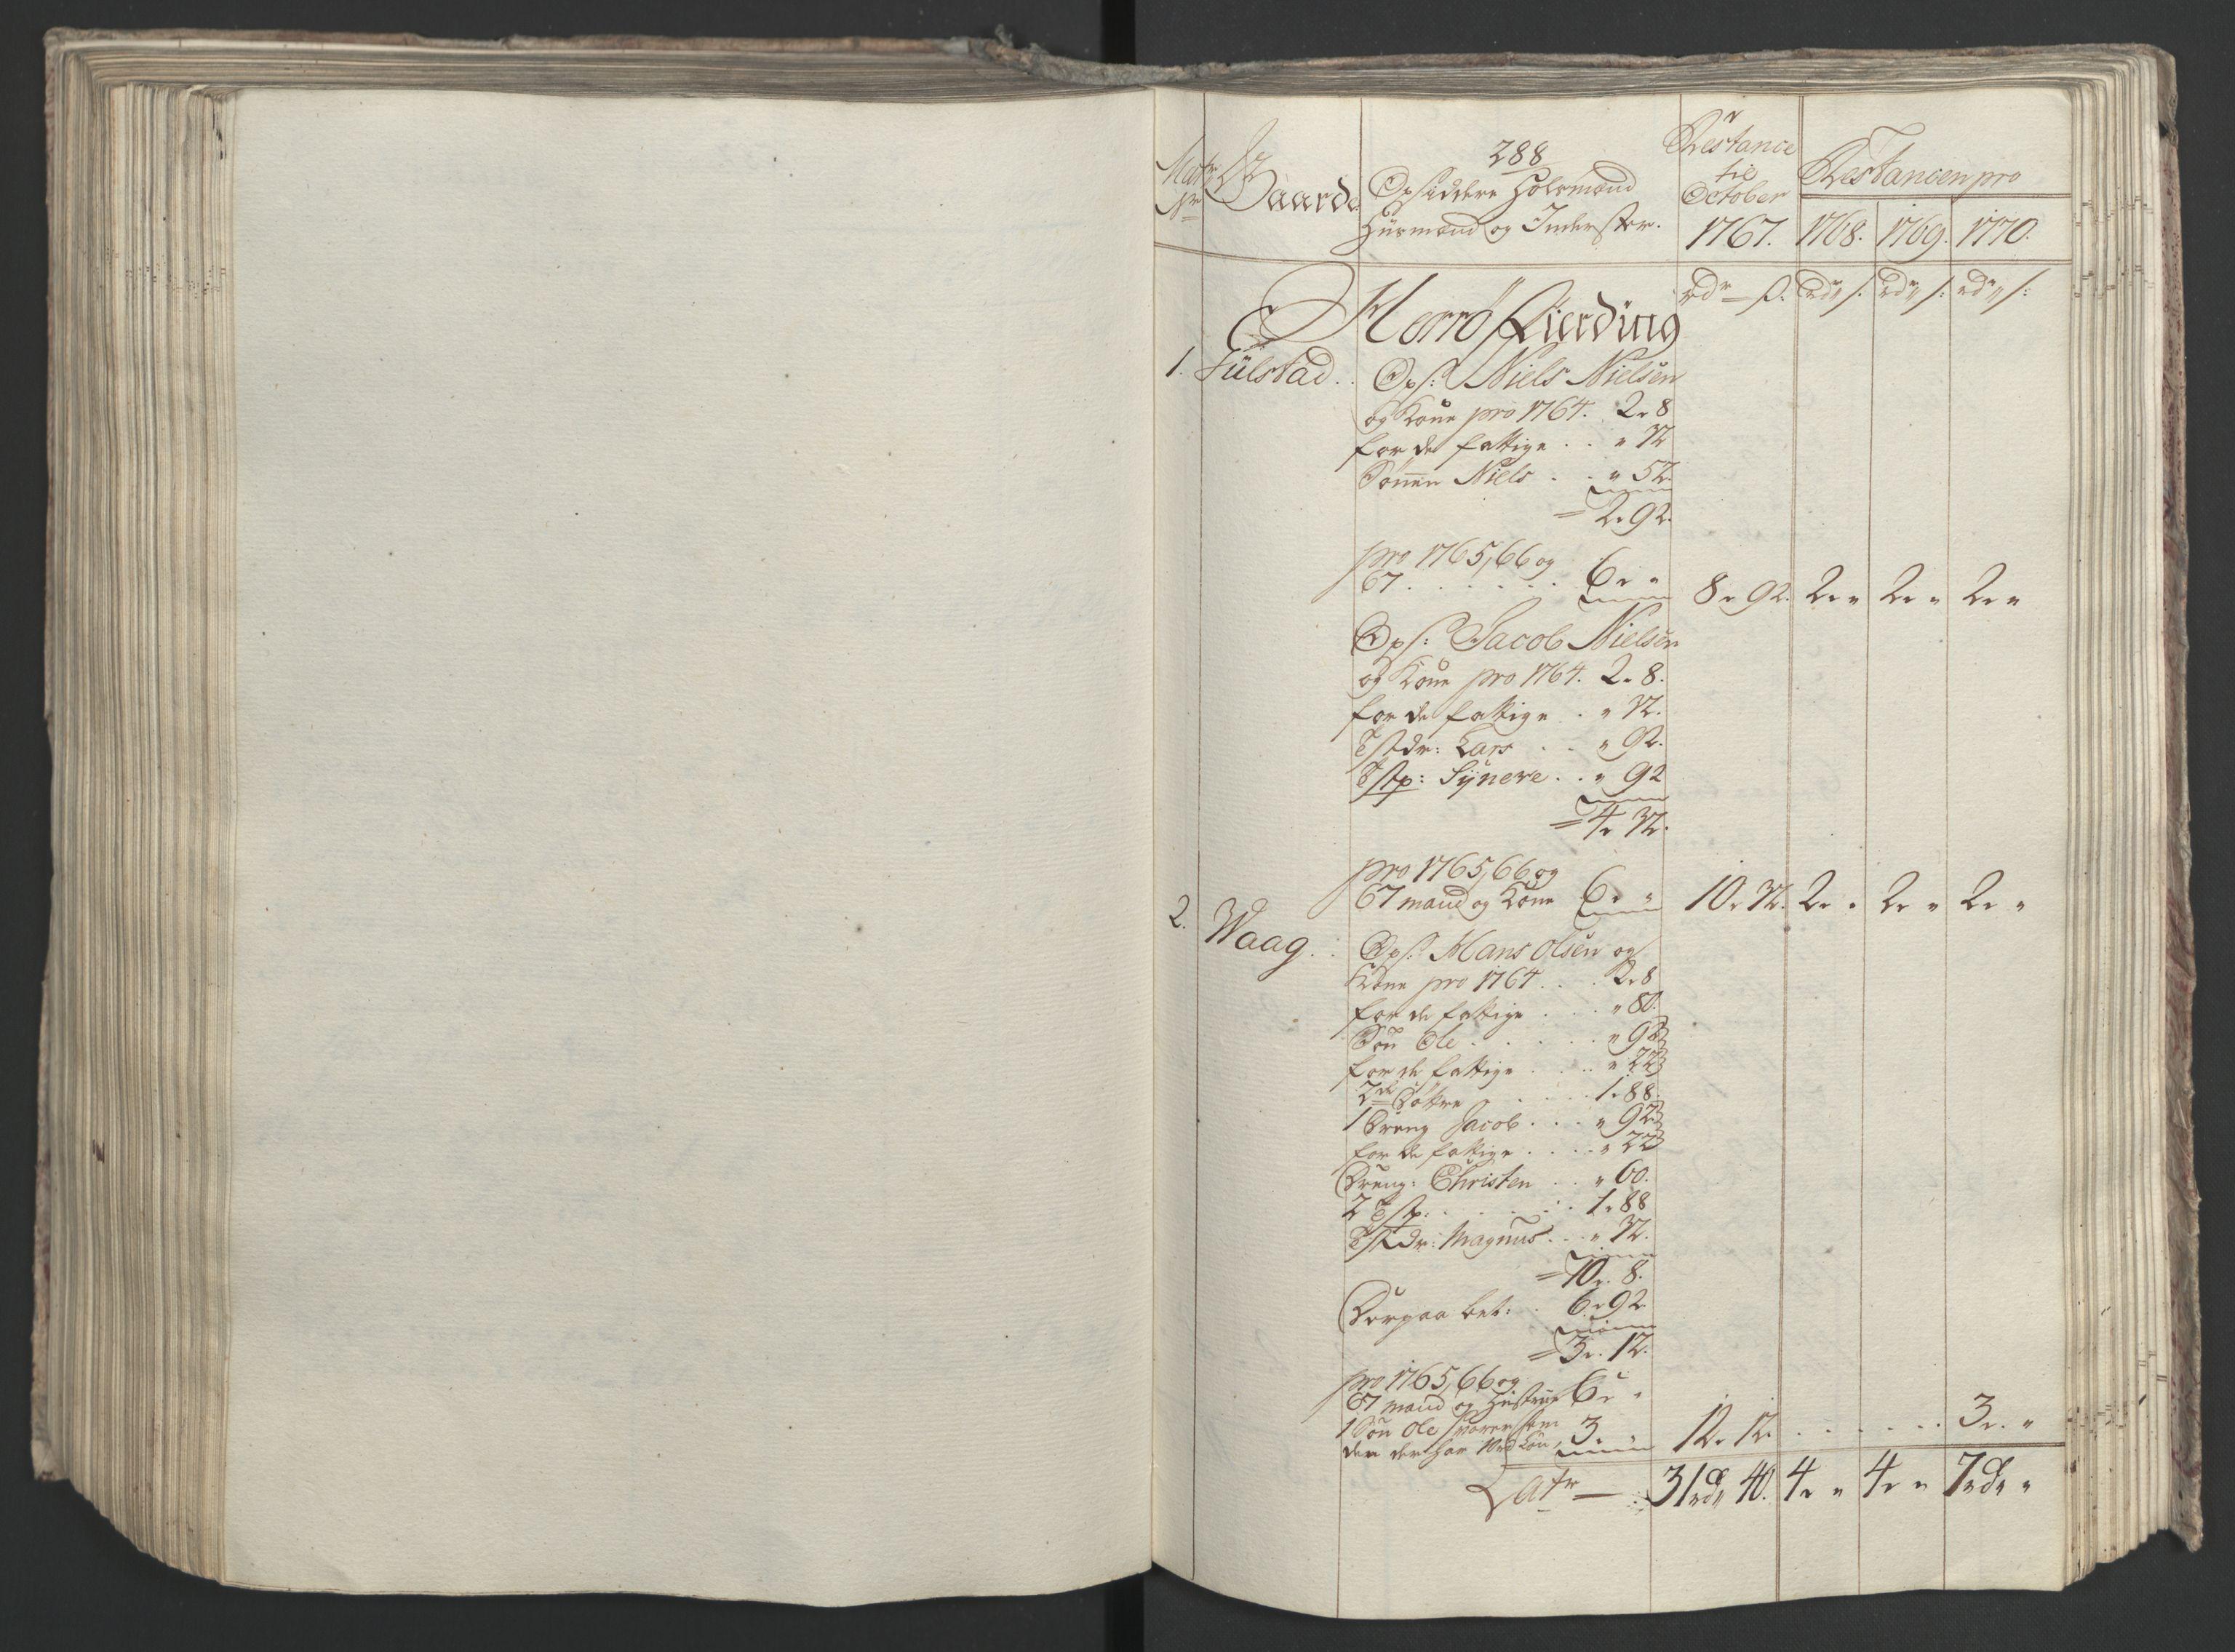 RA, Rentekammeret inntil 1814, Realistisk ordnet avdeling, Ol/L0023: [Gg 10]: Ekstraskatten, 23.09.1762. Helgeland (restanseregister), 1767-1772, s. 547